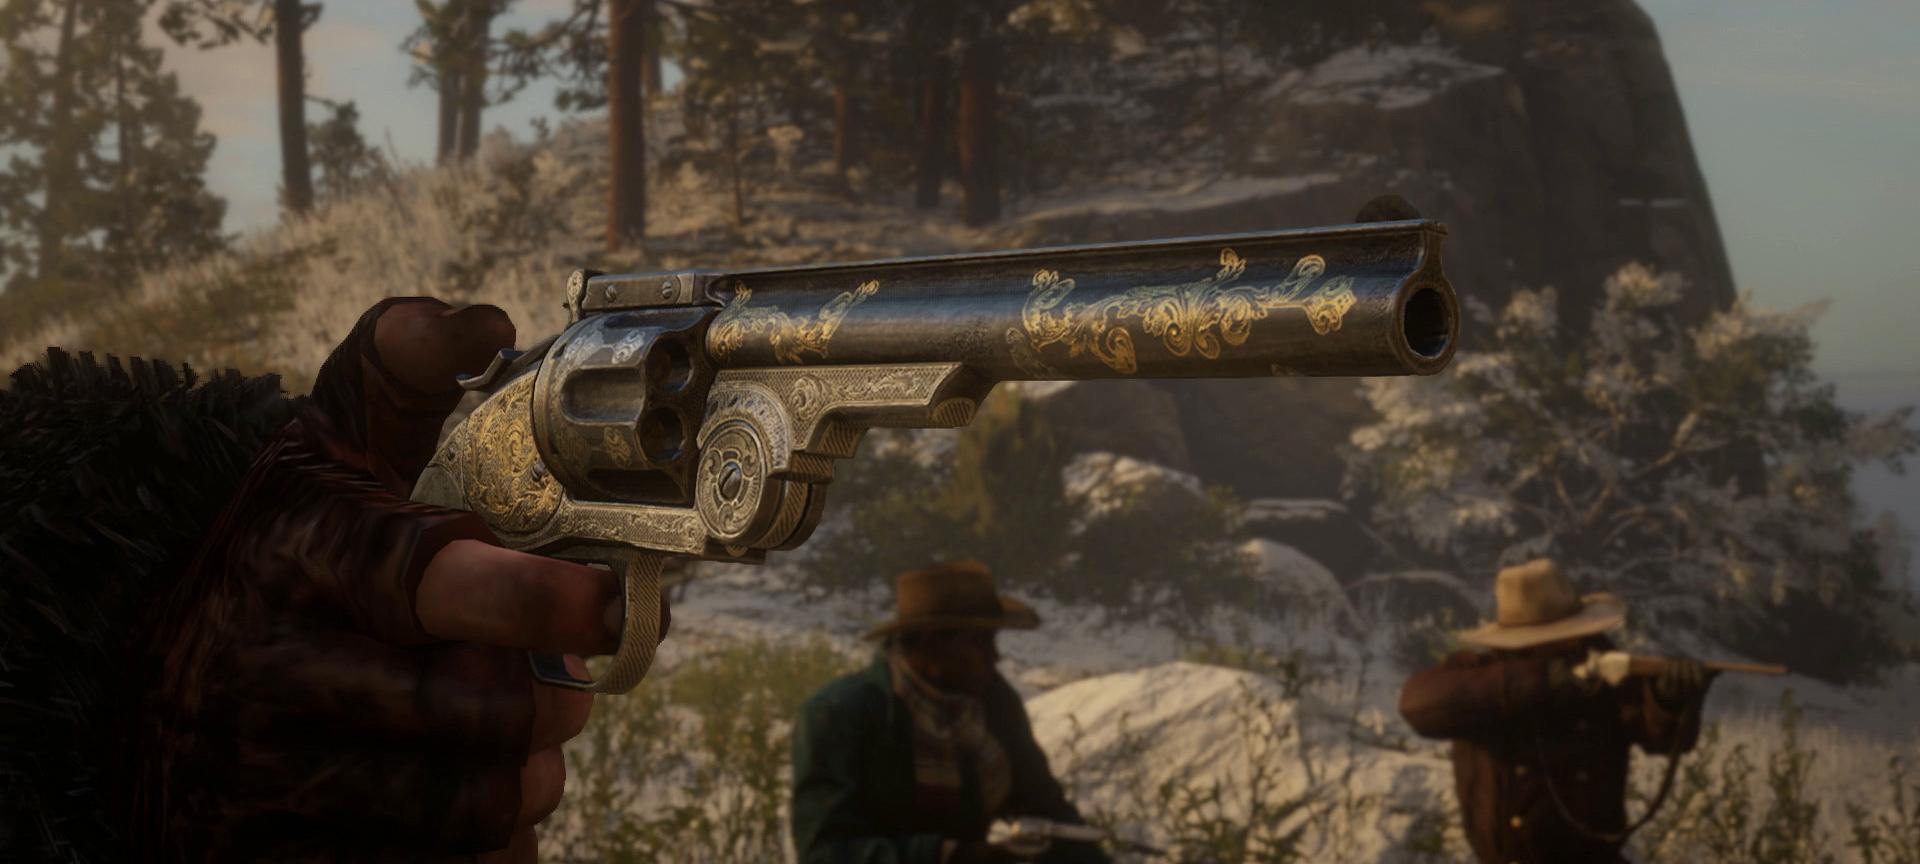 Red Dead Redemption 2 new trailer breakdown, featuring John